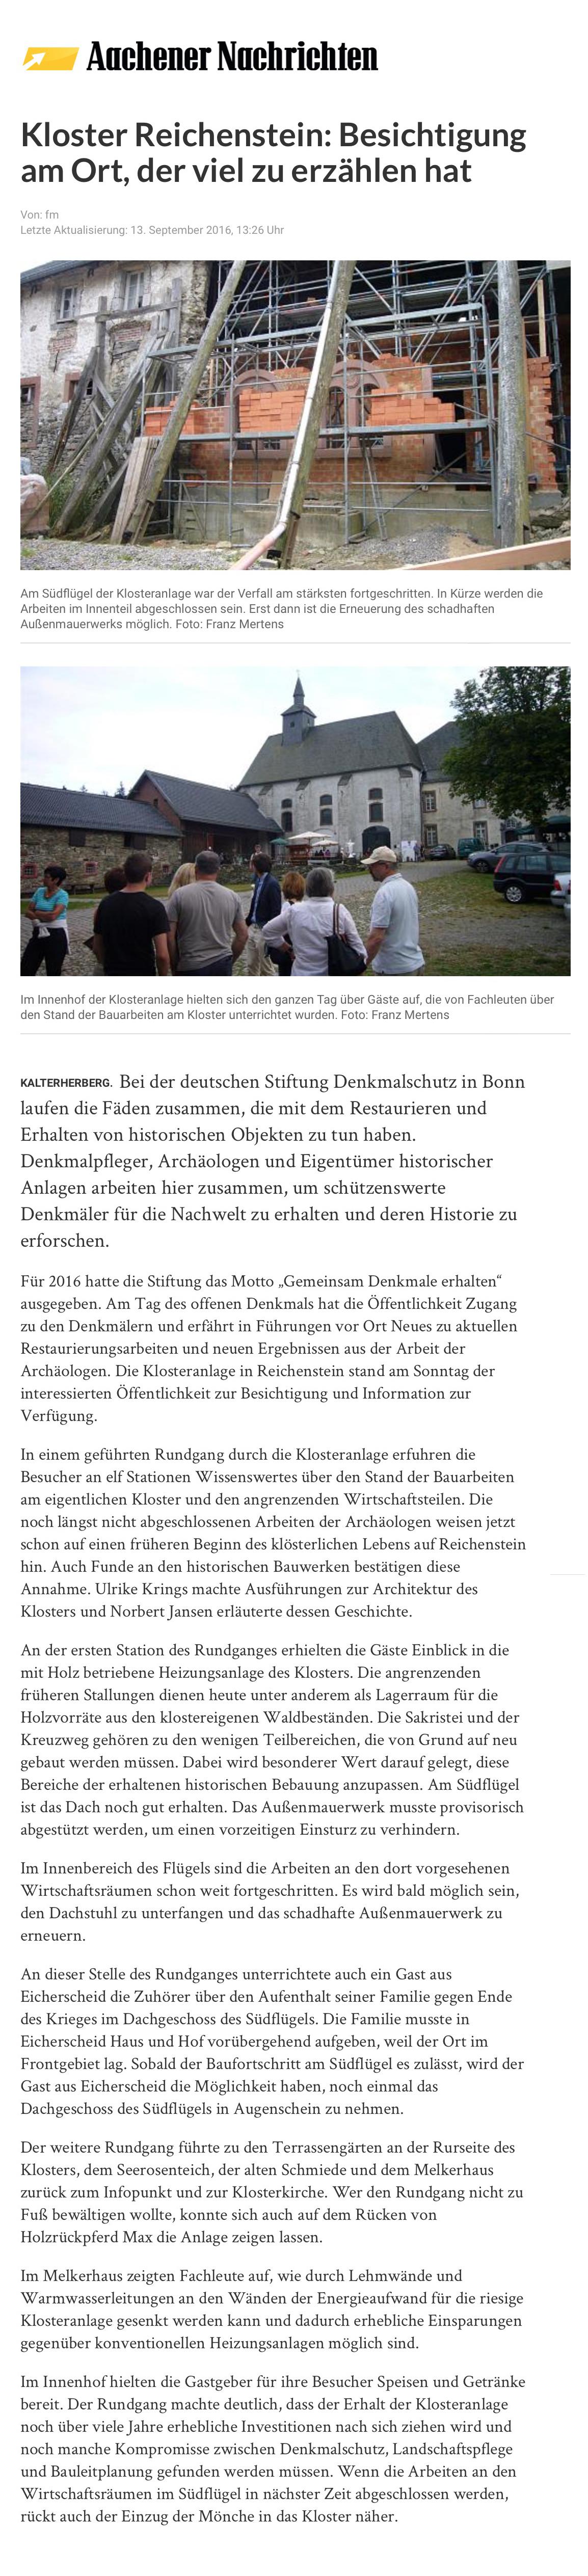 Kloster Reichenstein: Benediktiner der Tradition - Seite 4 - Kreuzgang